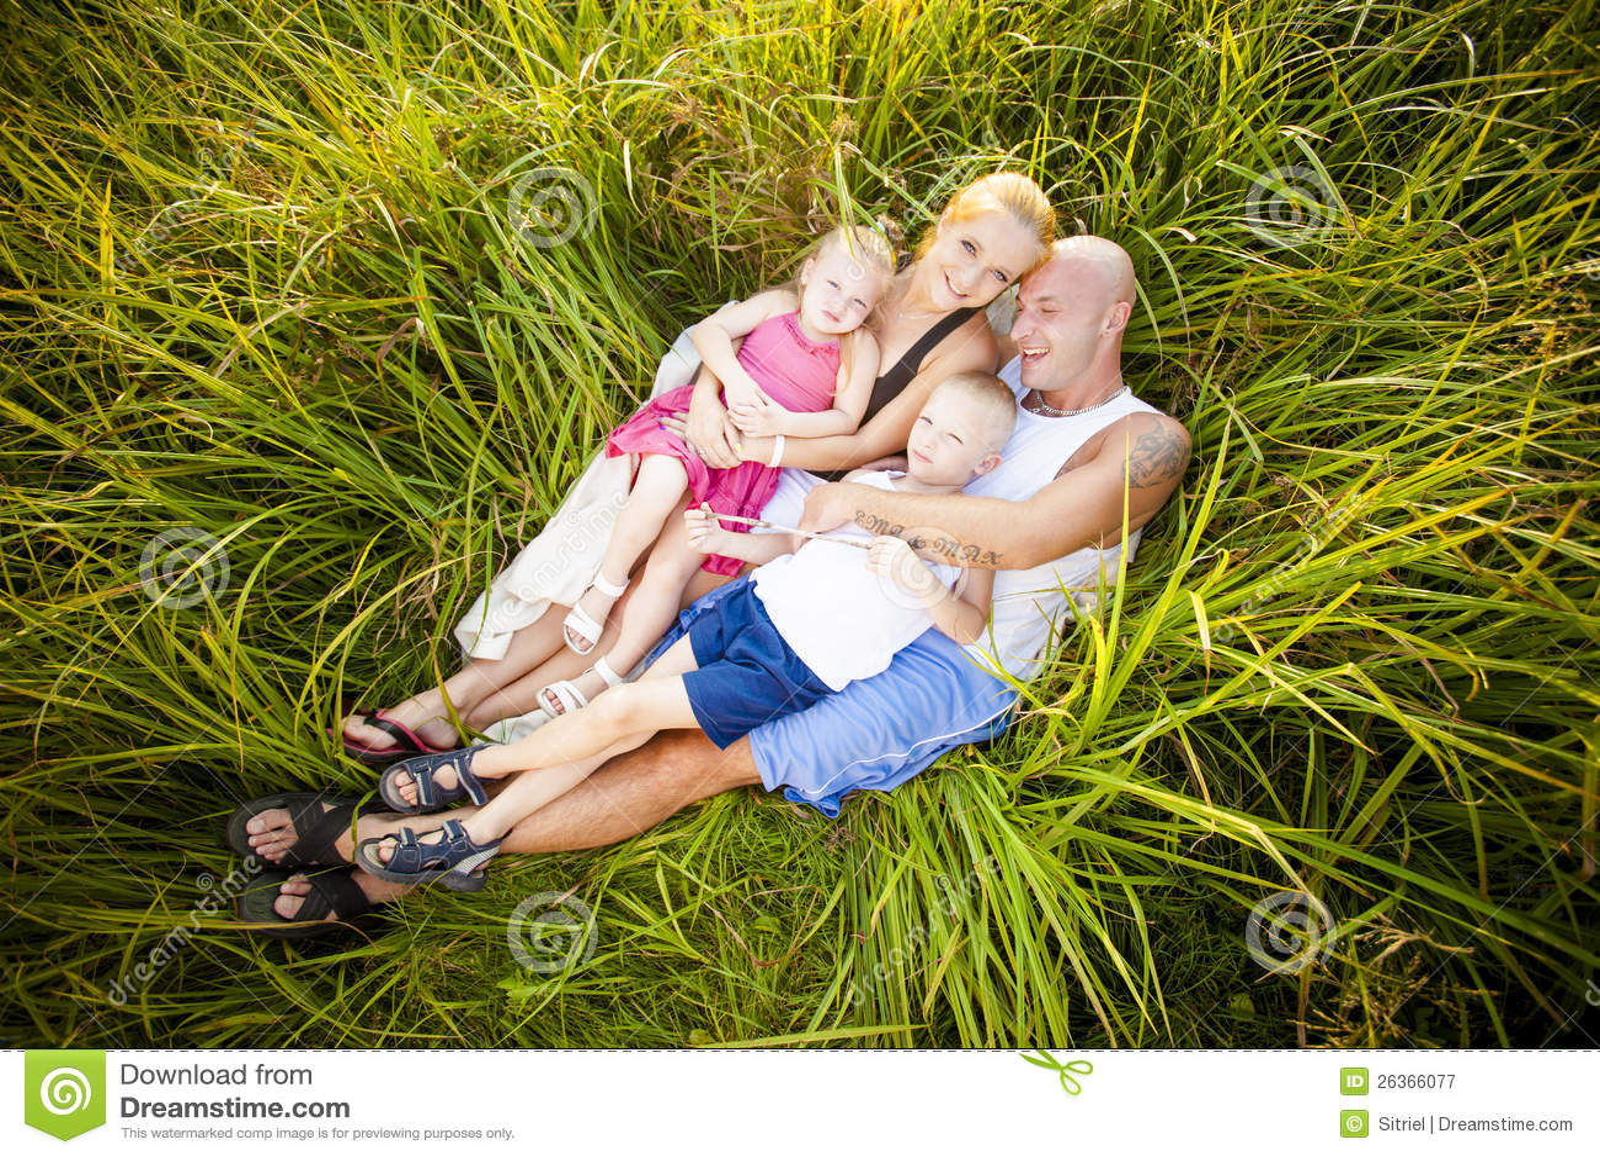 Glückliche Familie auf einer Wiese